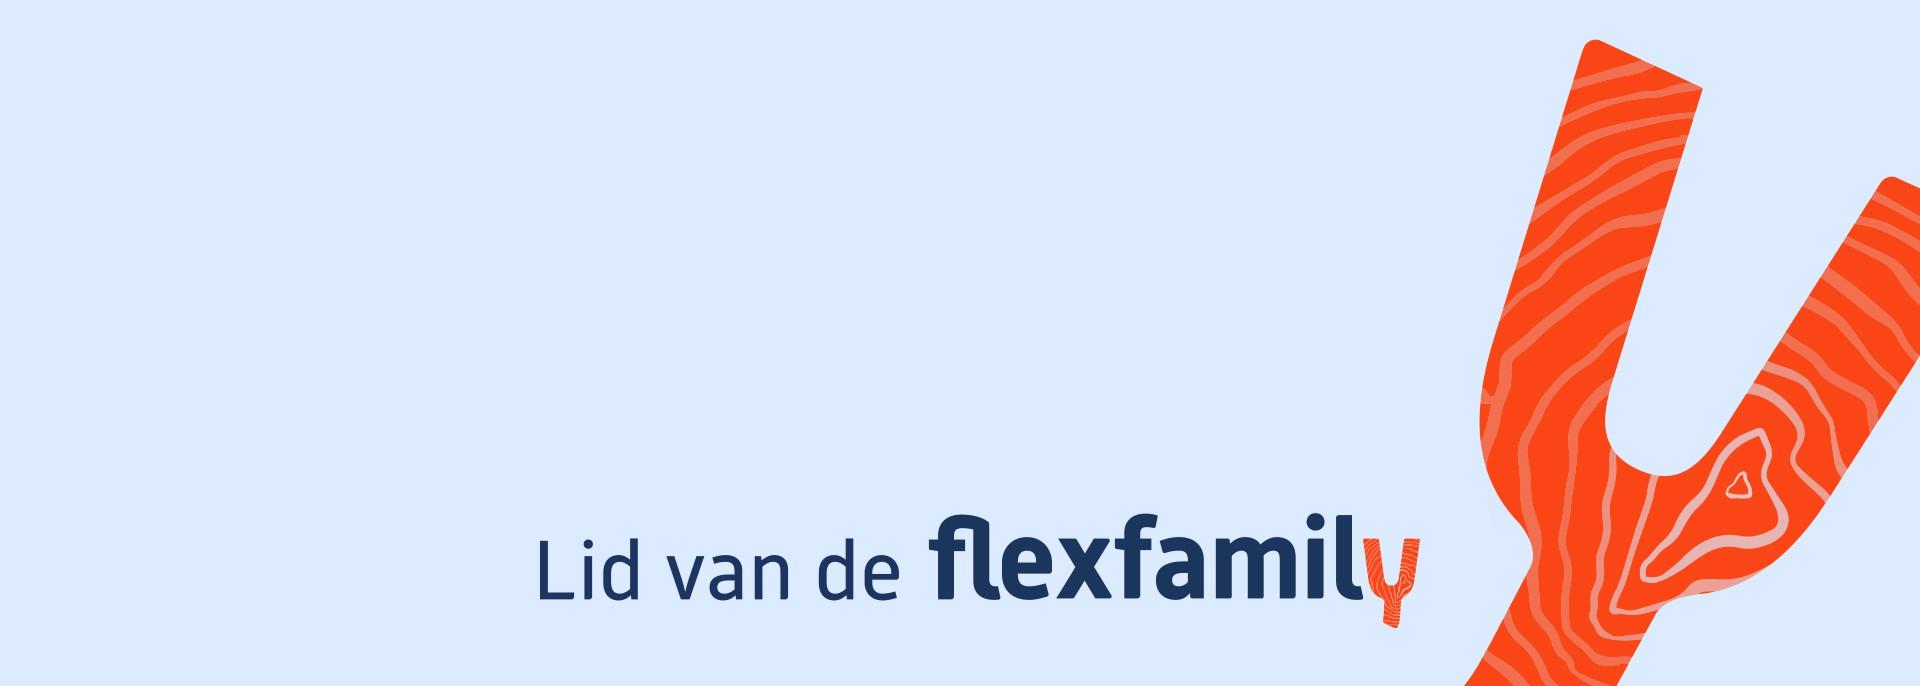 Wij zijn lid van de Flexfamily